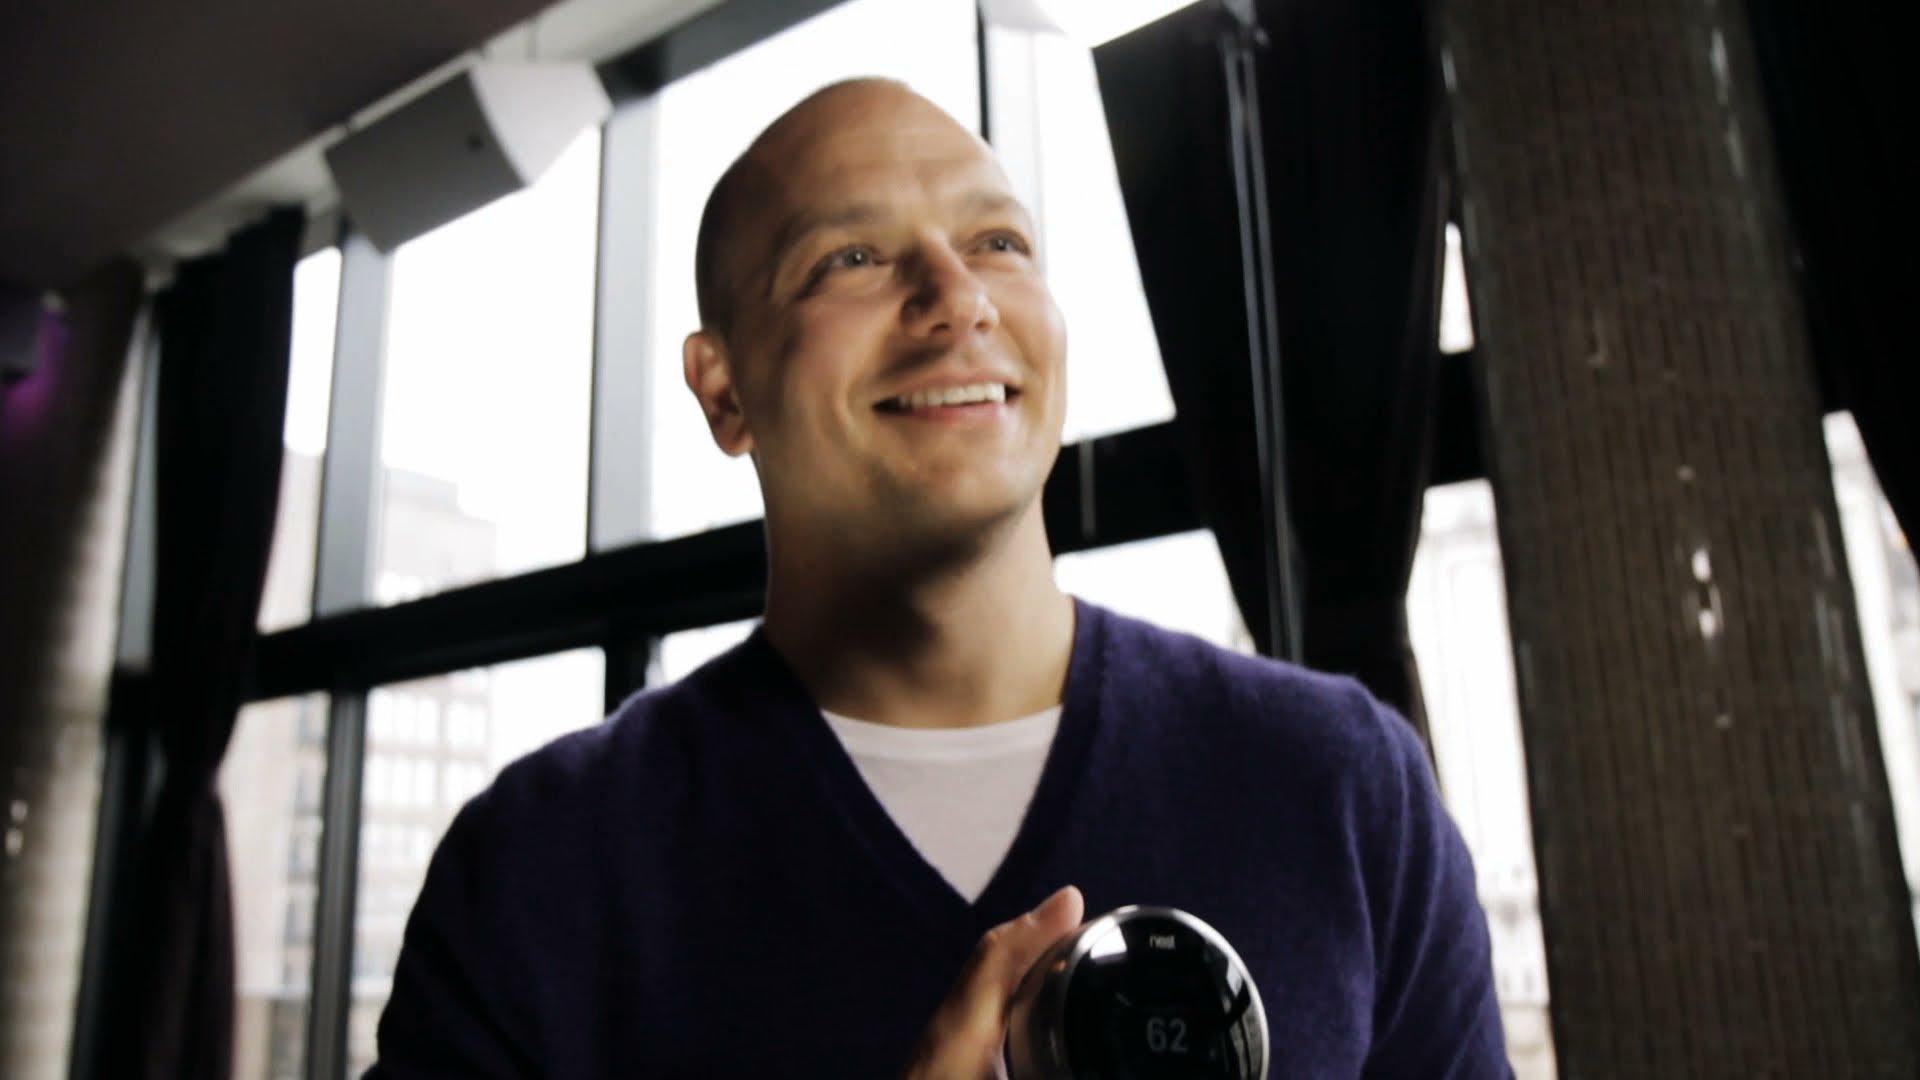 Тони Фаделл откровенно рассказал о создании первого iPod и участии Стива Джобса